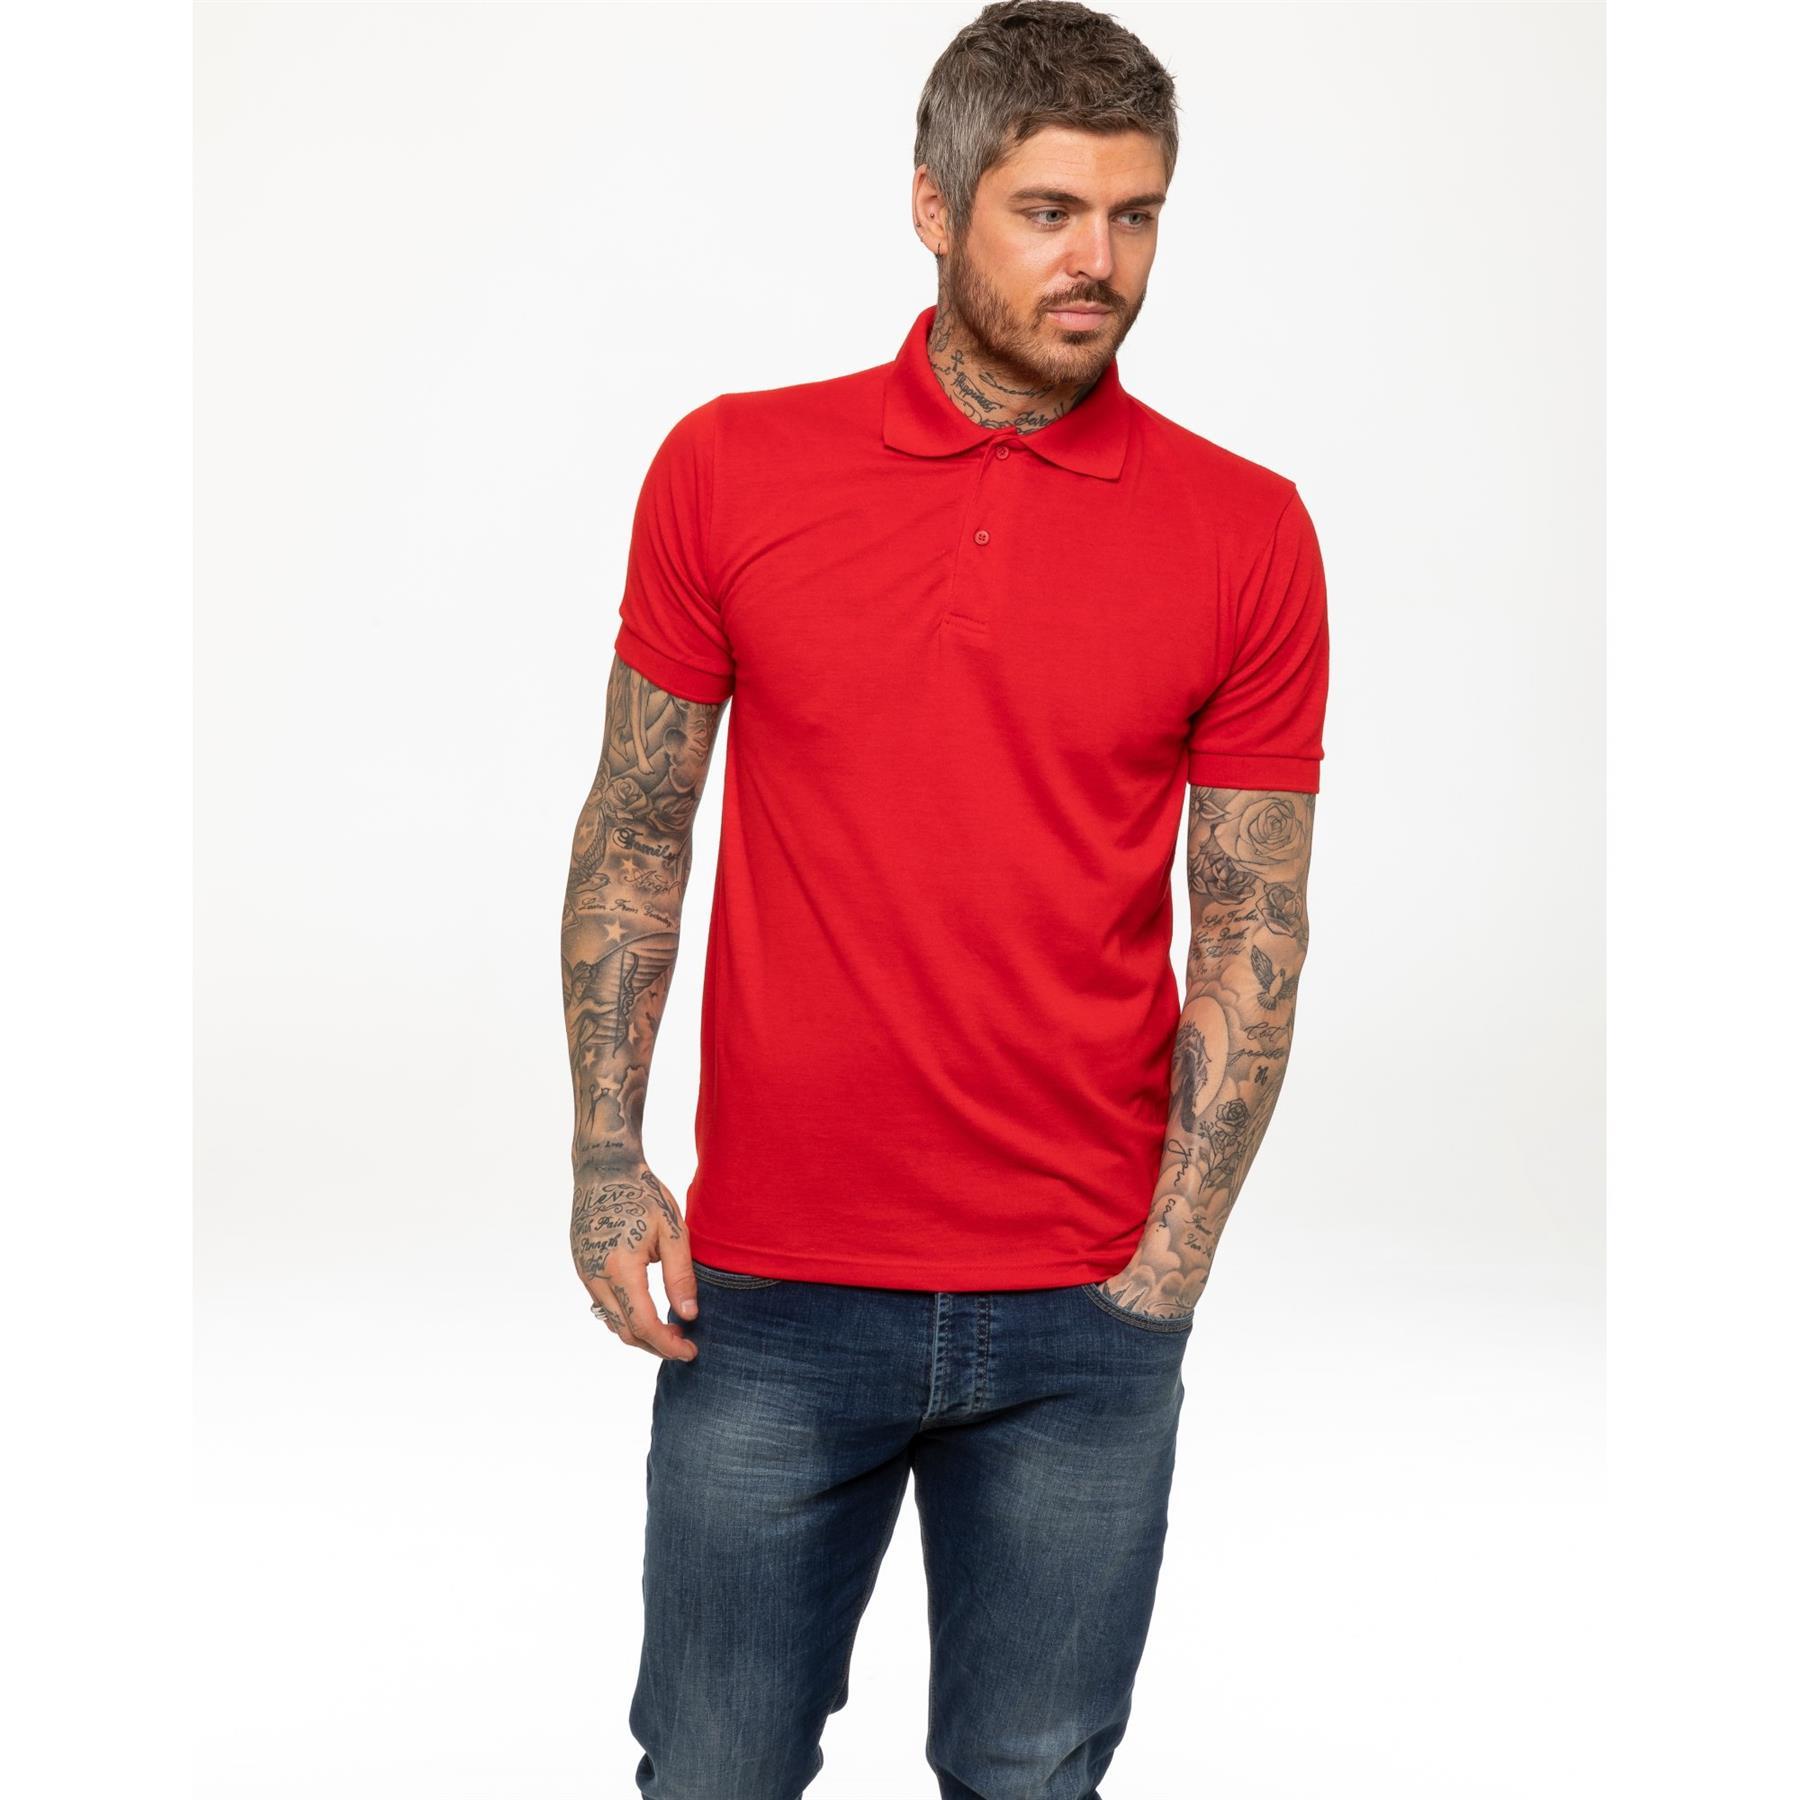 Indexbild 39 - Herren Polohemd Freizeit T-Shirts Neu Schlicht Kurzärmeliges Regular Fit